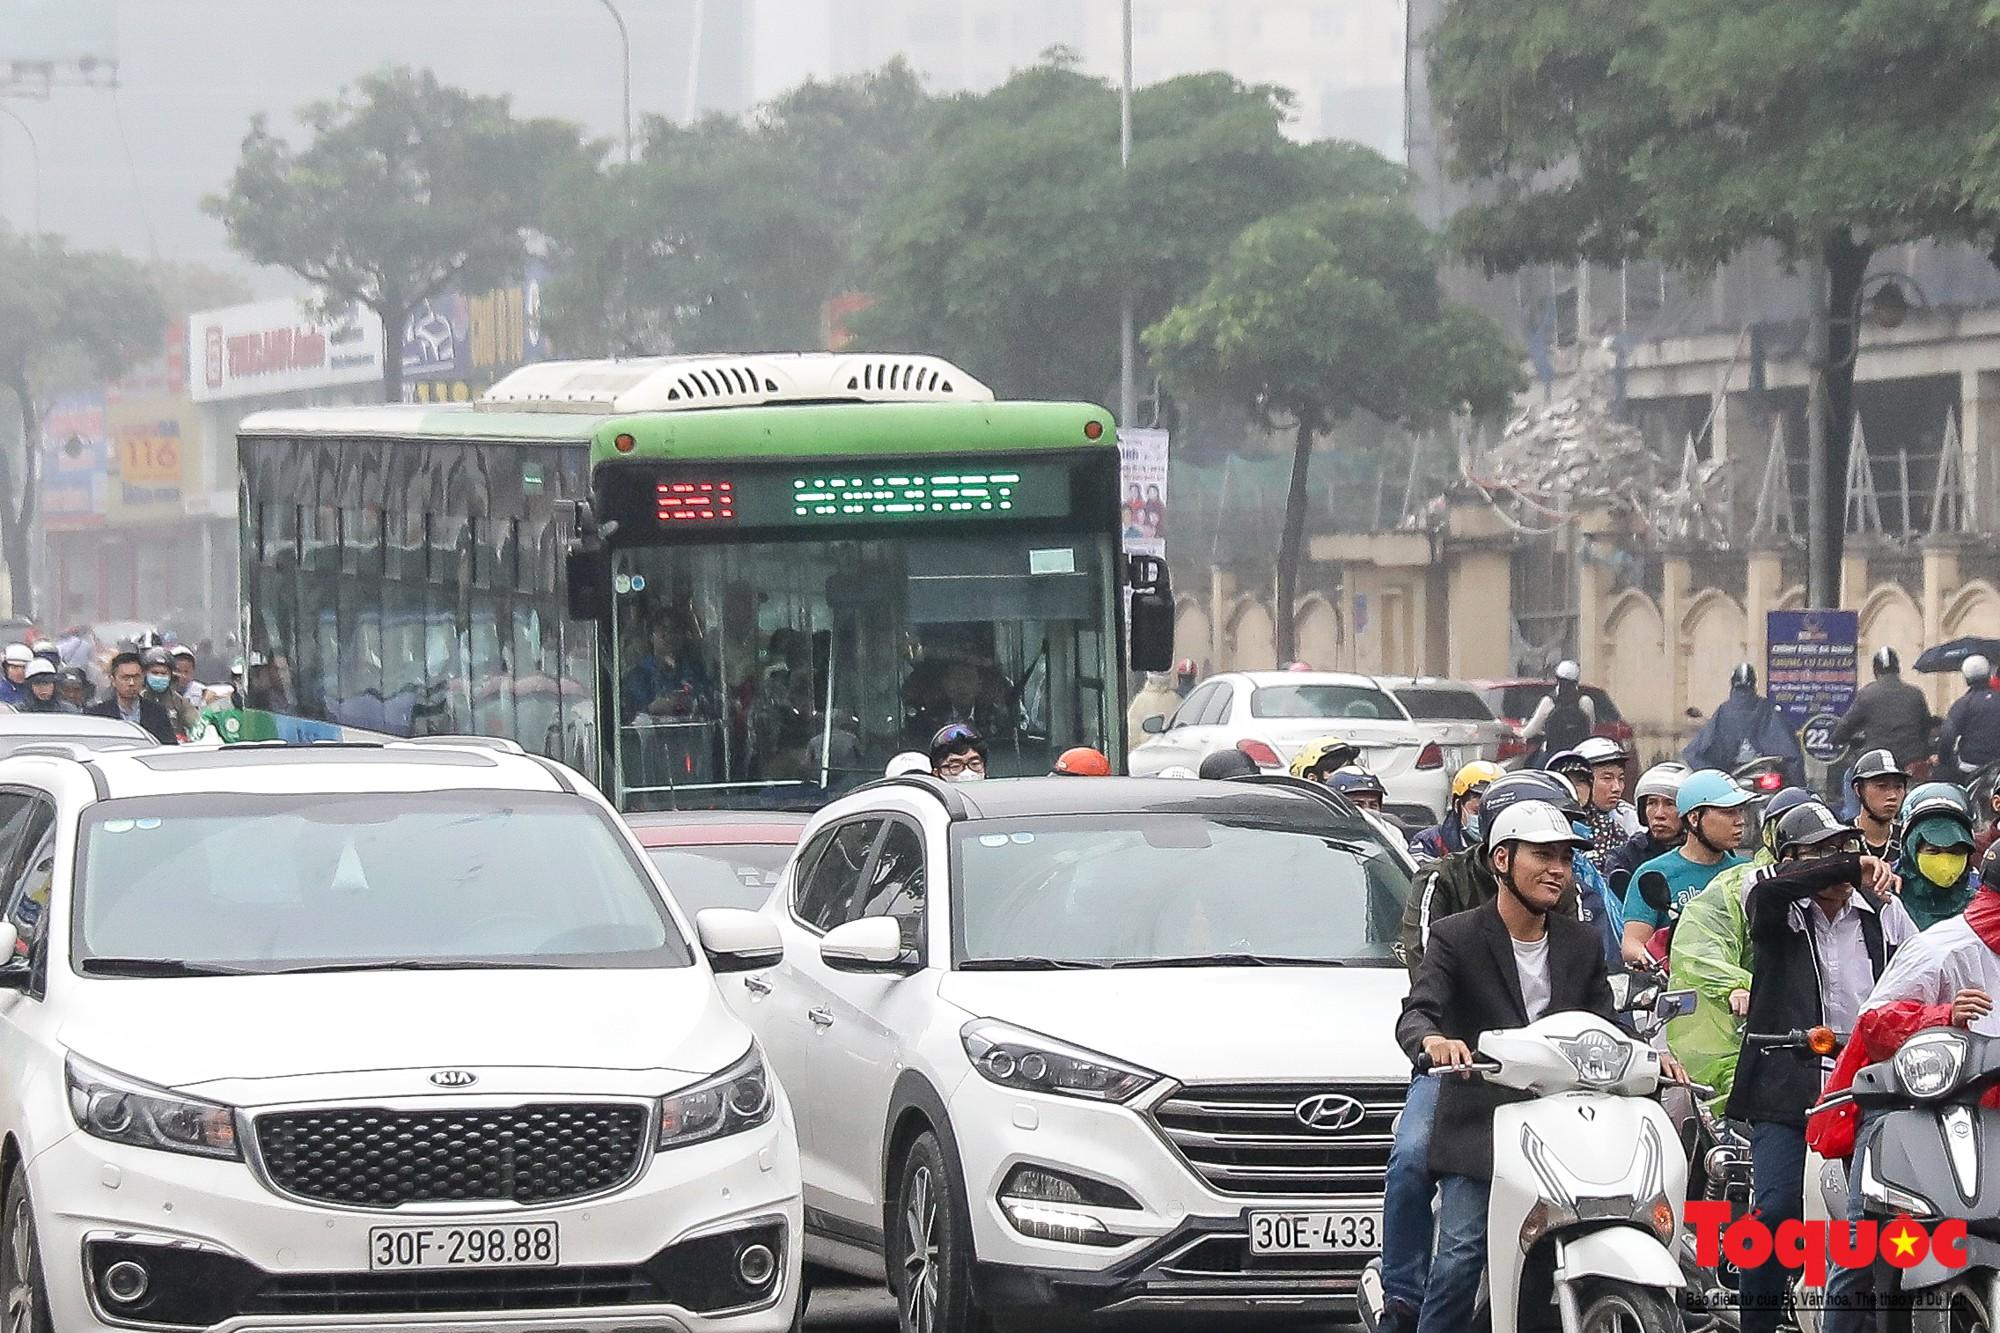 Nhìn những hình ảnh này mới thấy đề xuất cấm xe máy 6 tuyến phố Hà Nội là vô cảm với người dân nghèo - Ảnh 17.